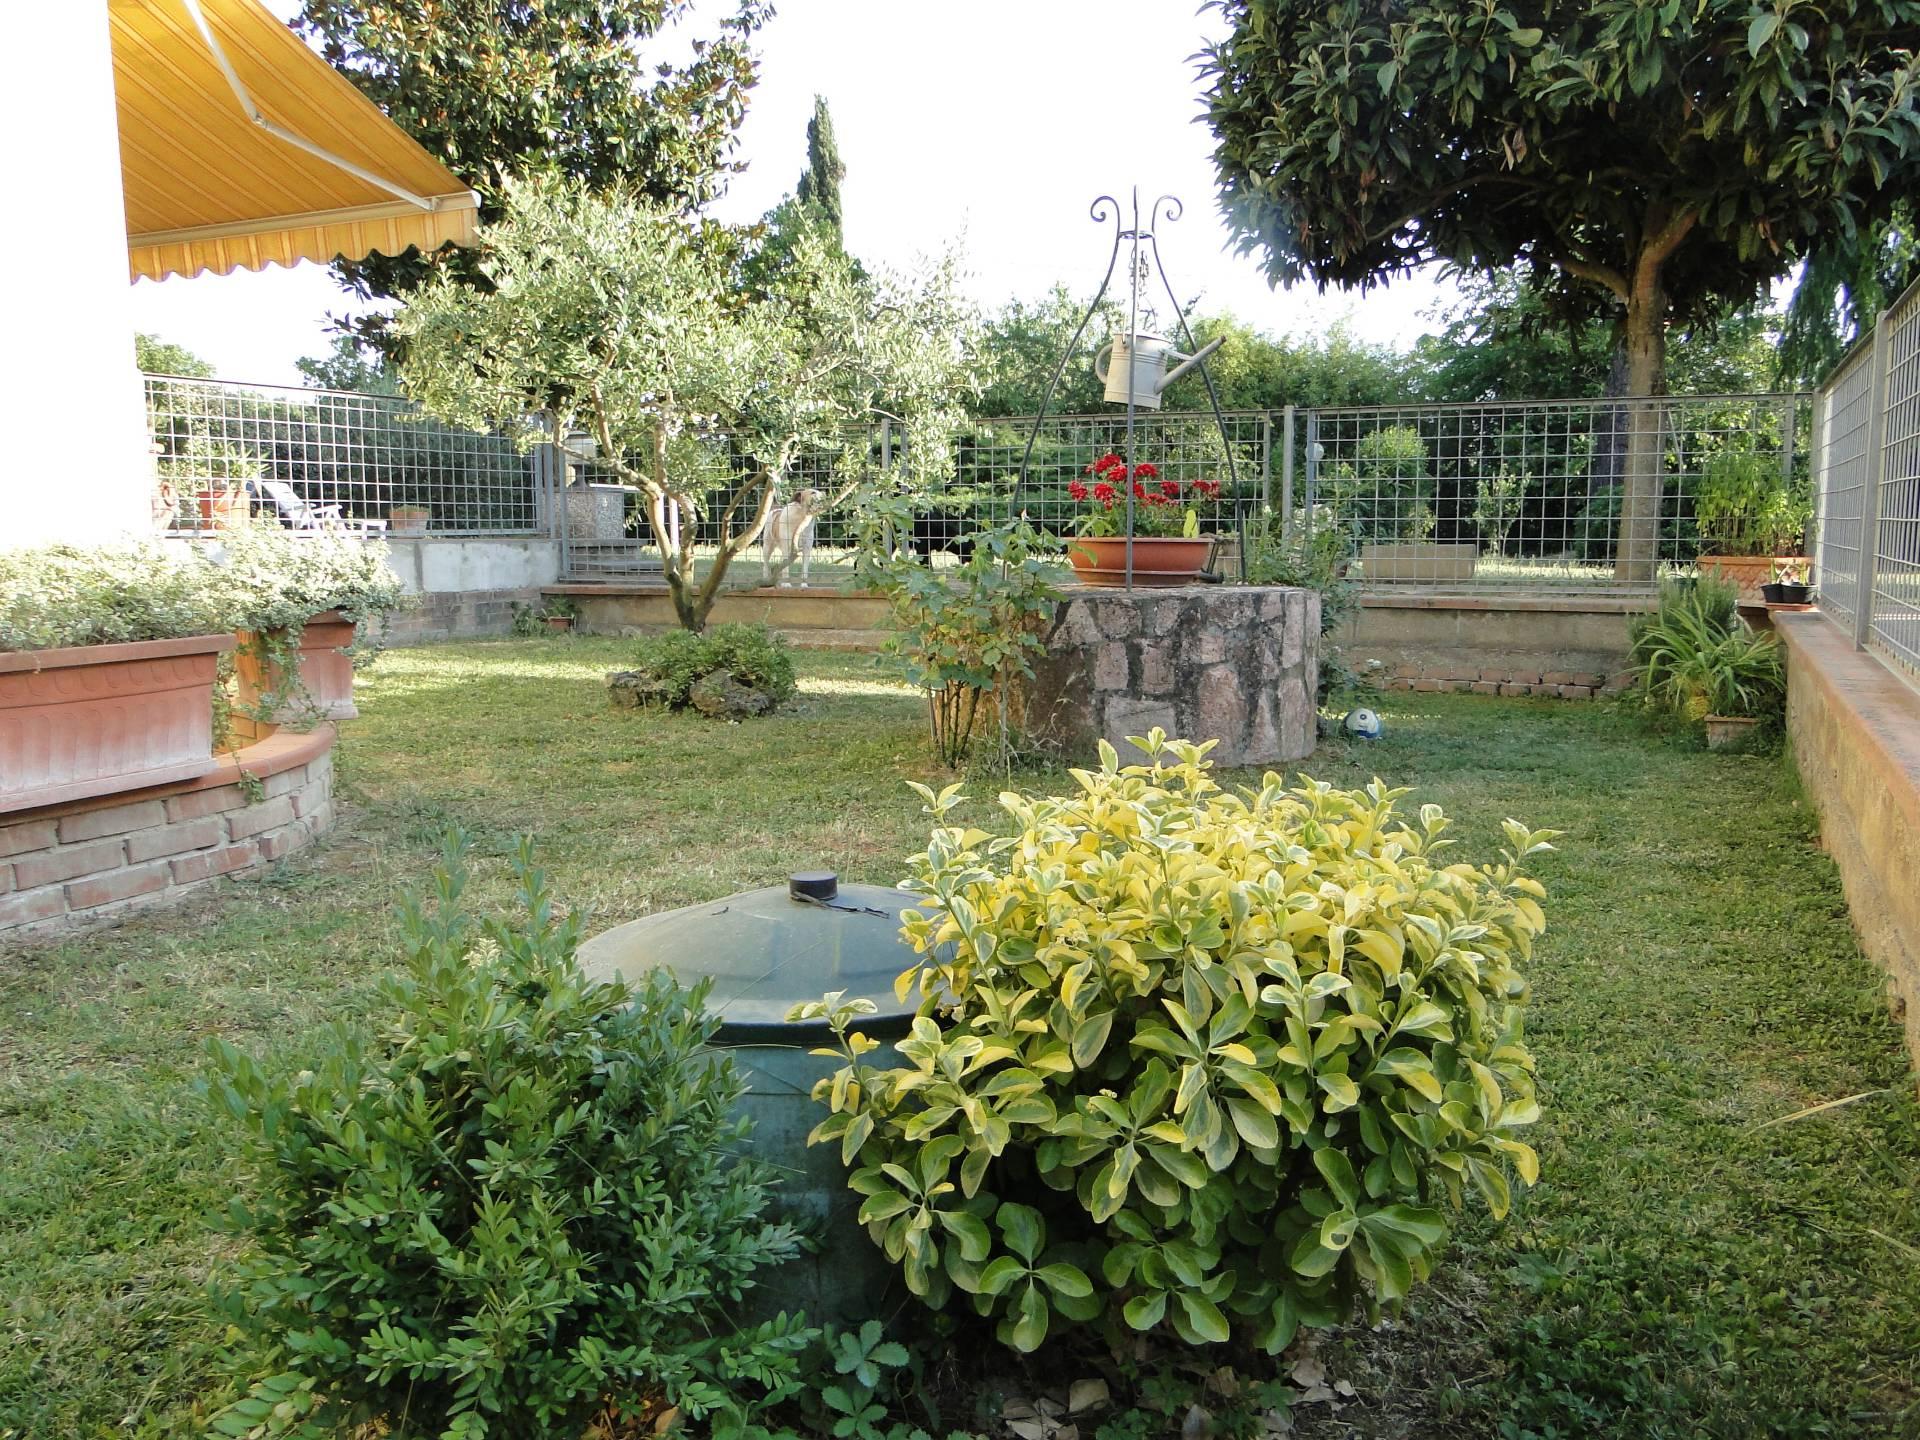 Appartamento in vendita a Empoli, 6 locali, zona Zona: Fontanella, prezzo € 230.000 | CambioCasa.it